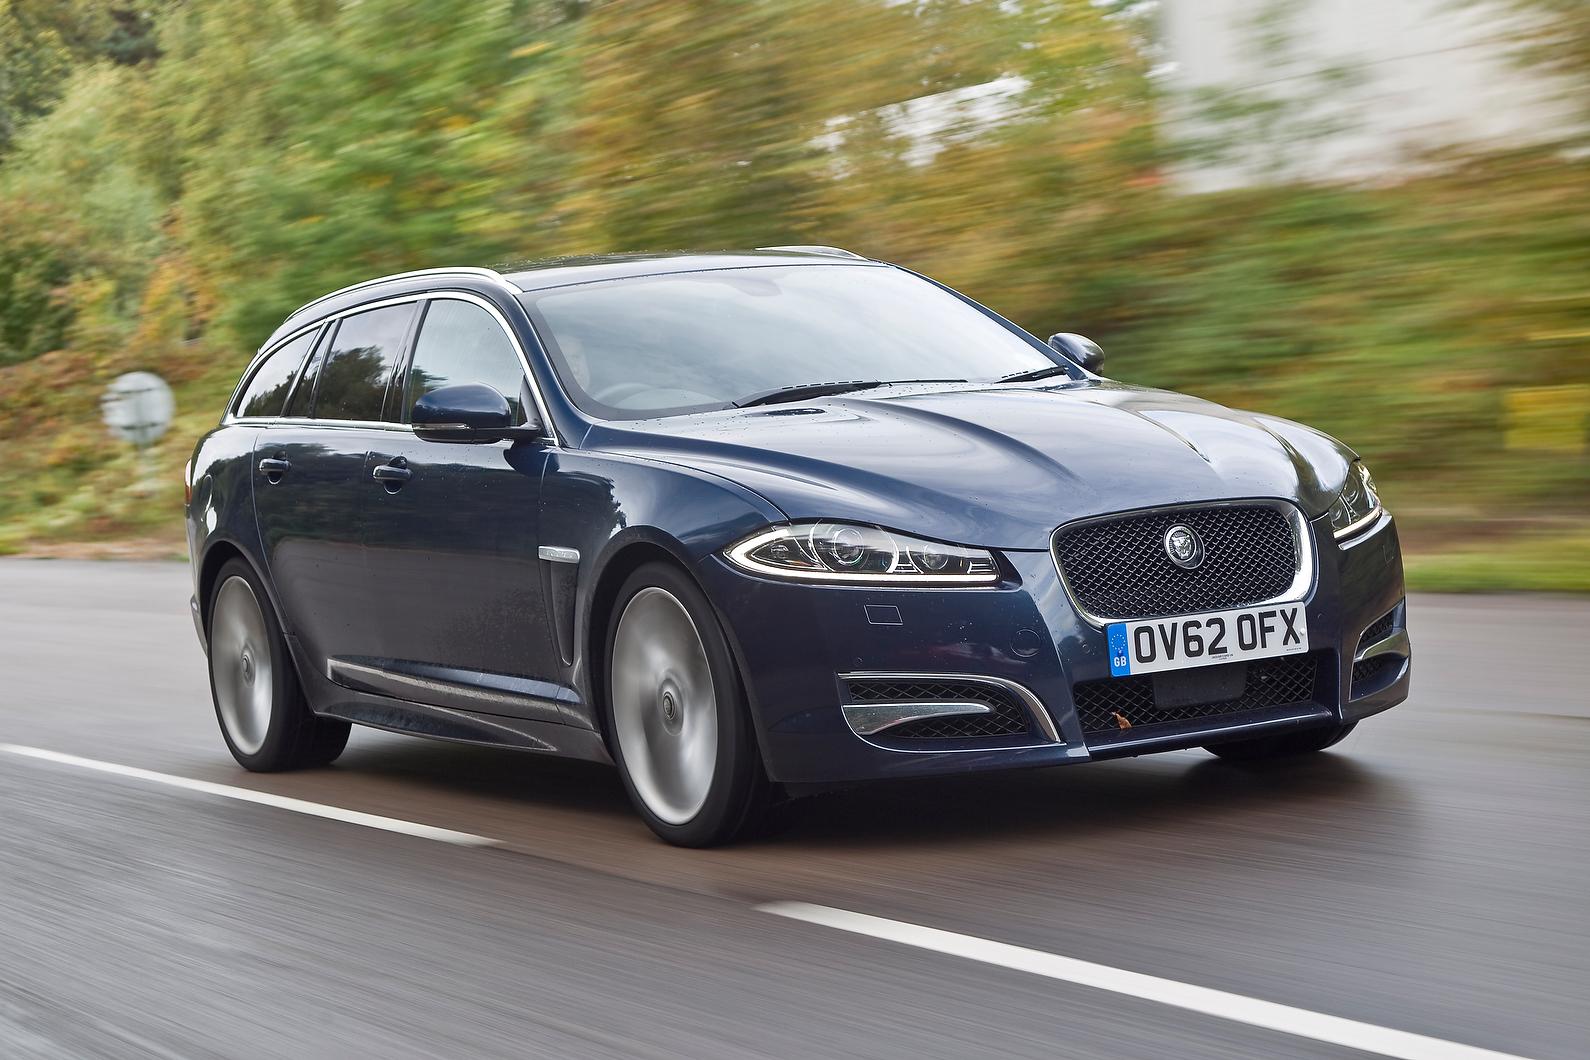 pin jaguar xf xe verbrauchs f und silber type seitlich emissionswerte